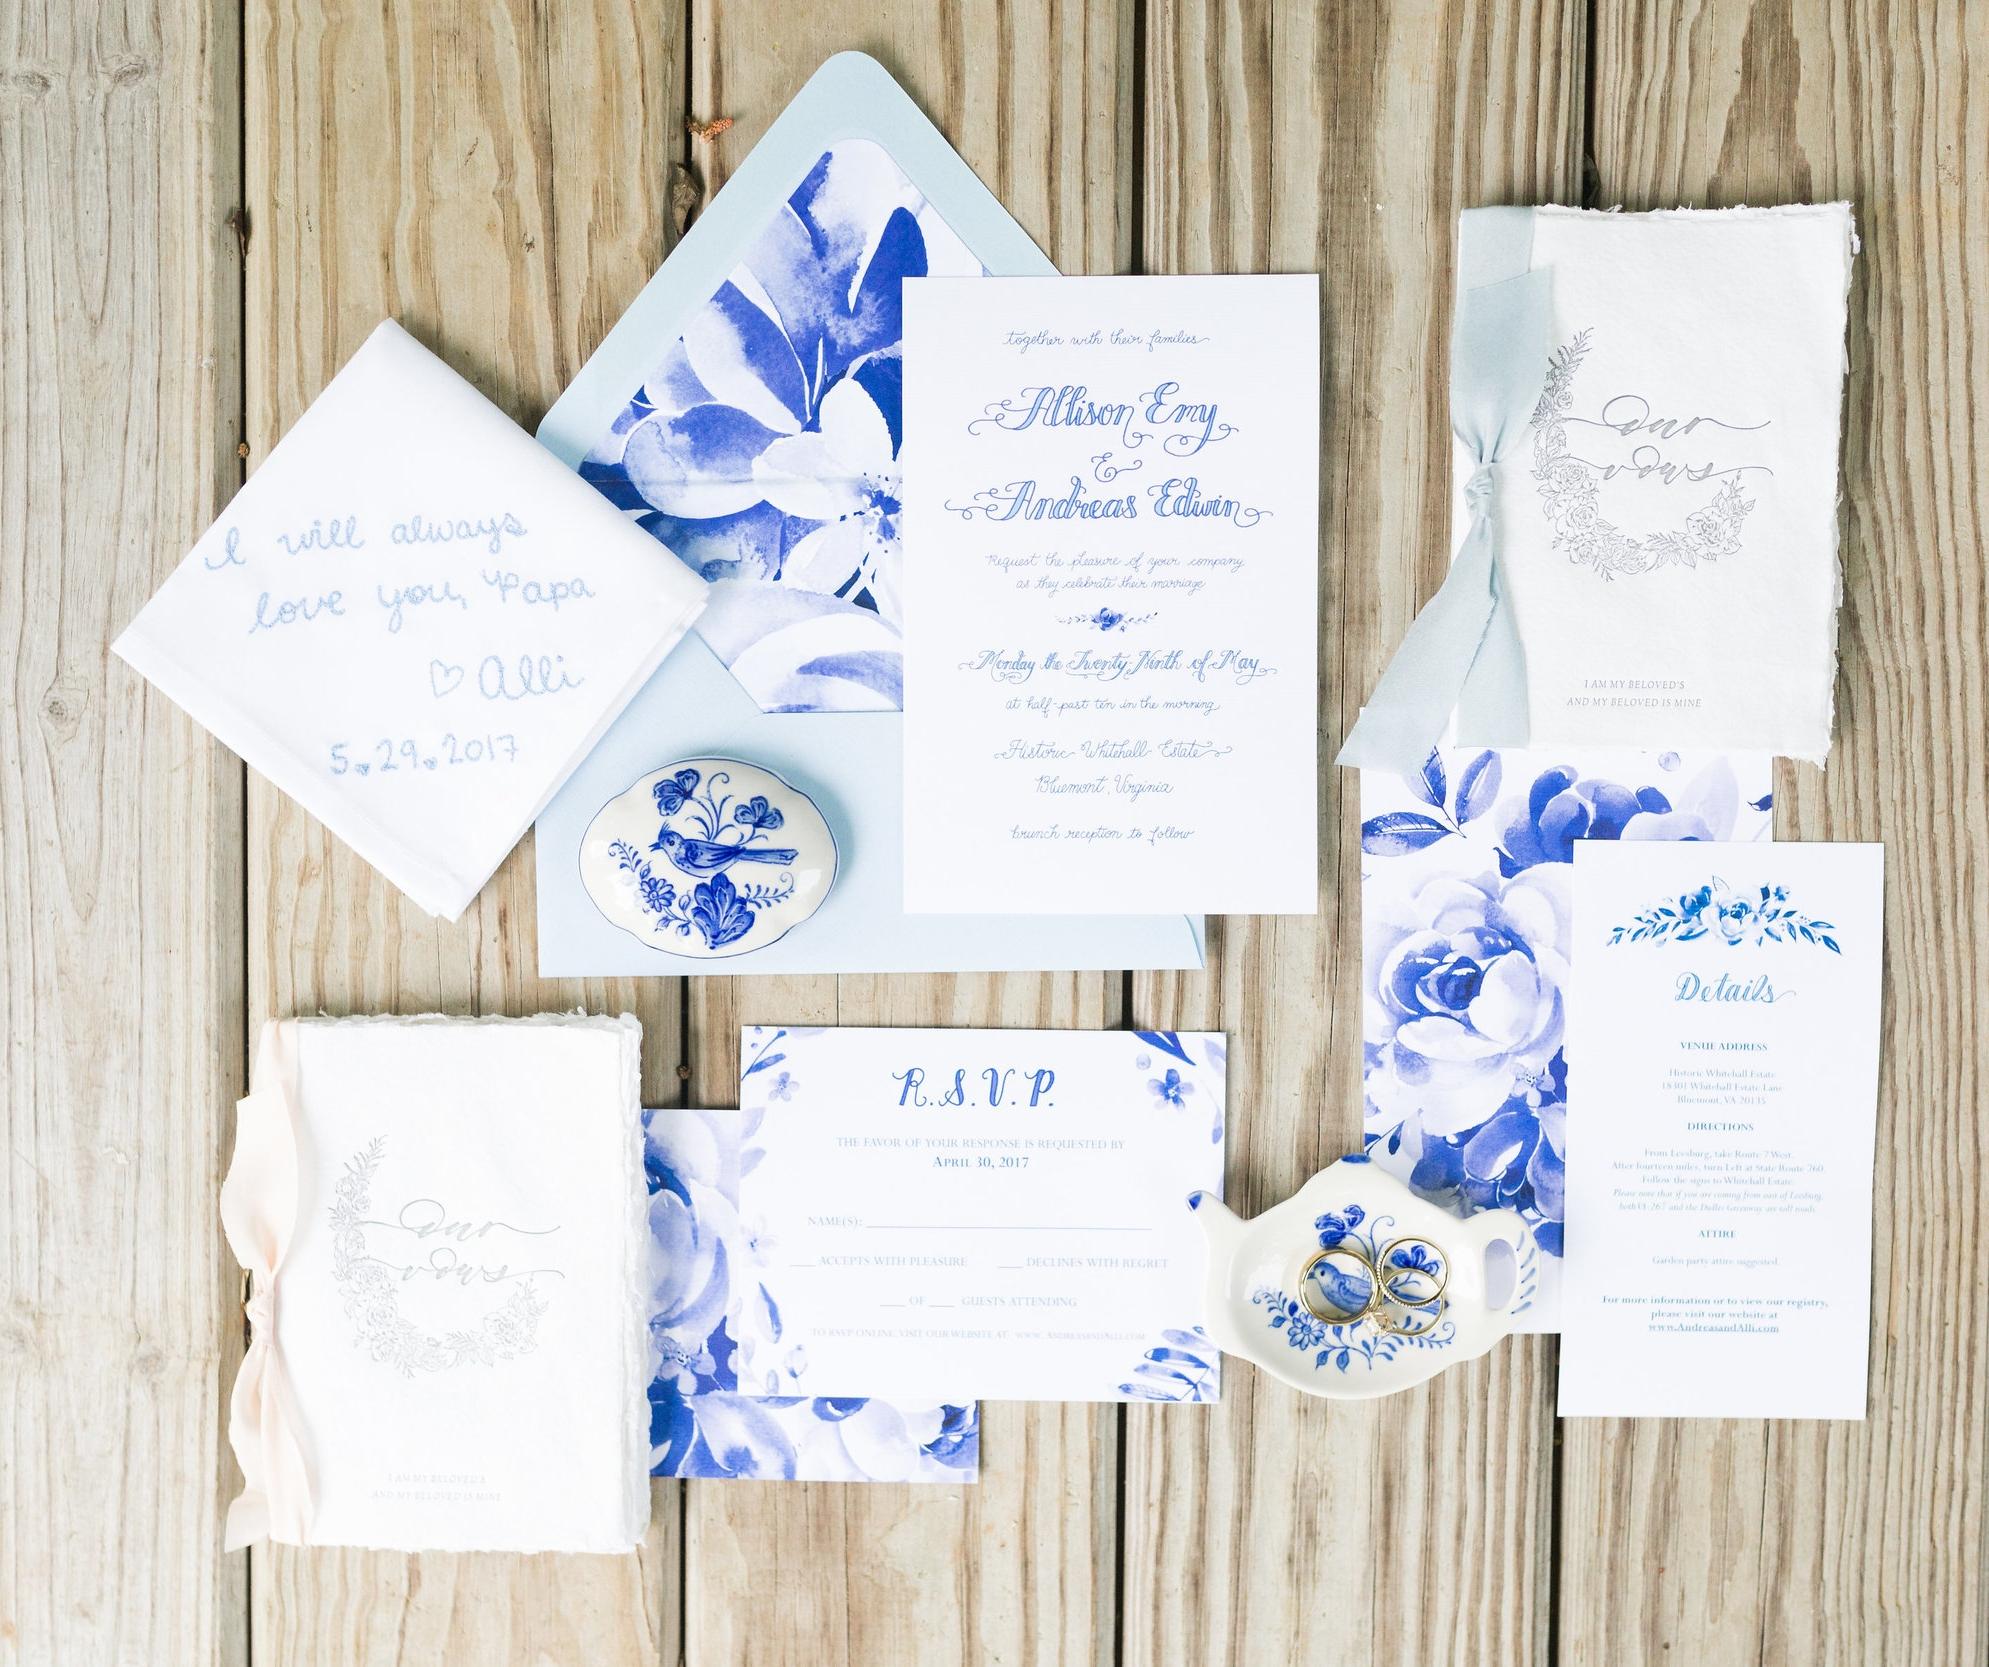 Moffett-Wedding-GettingReady-6.jpg